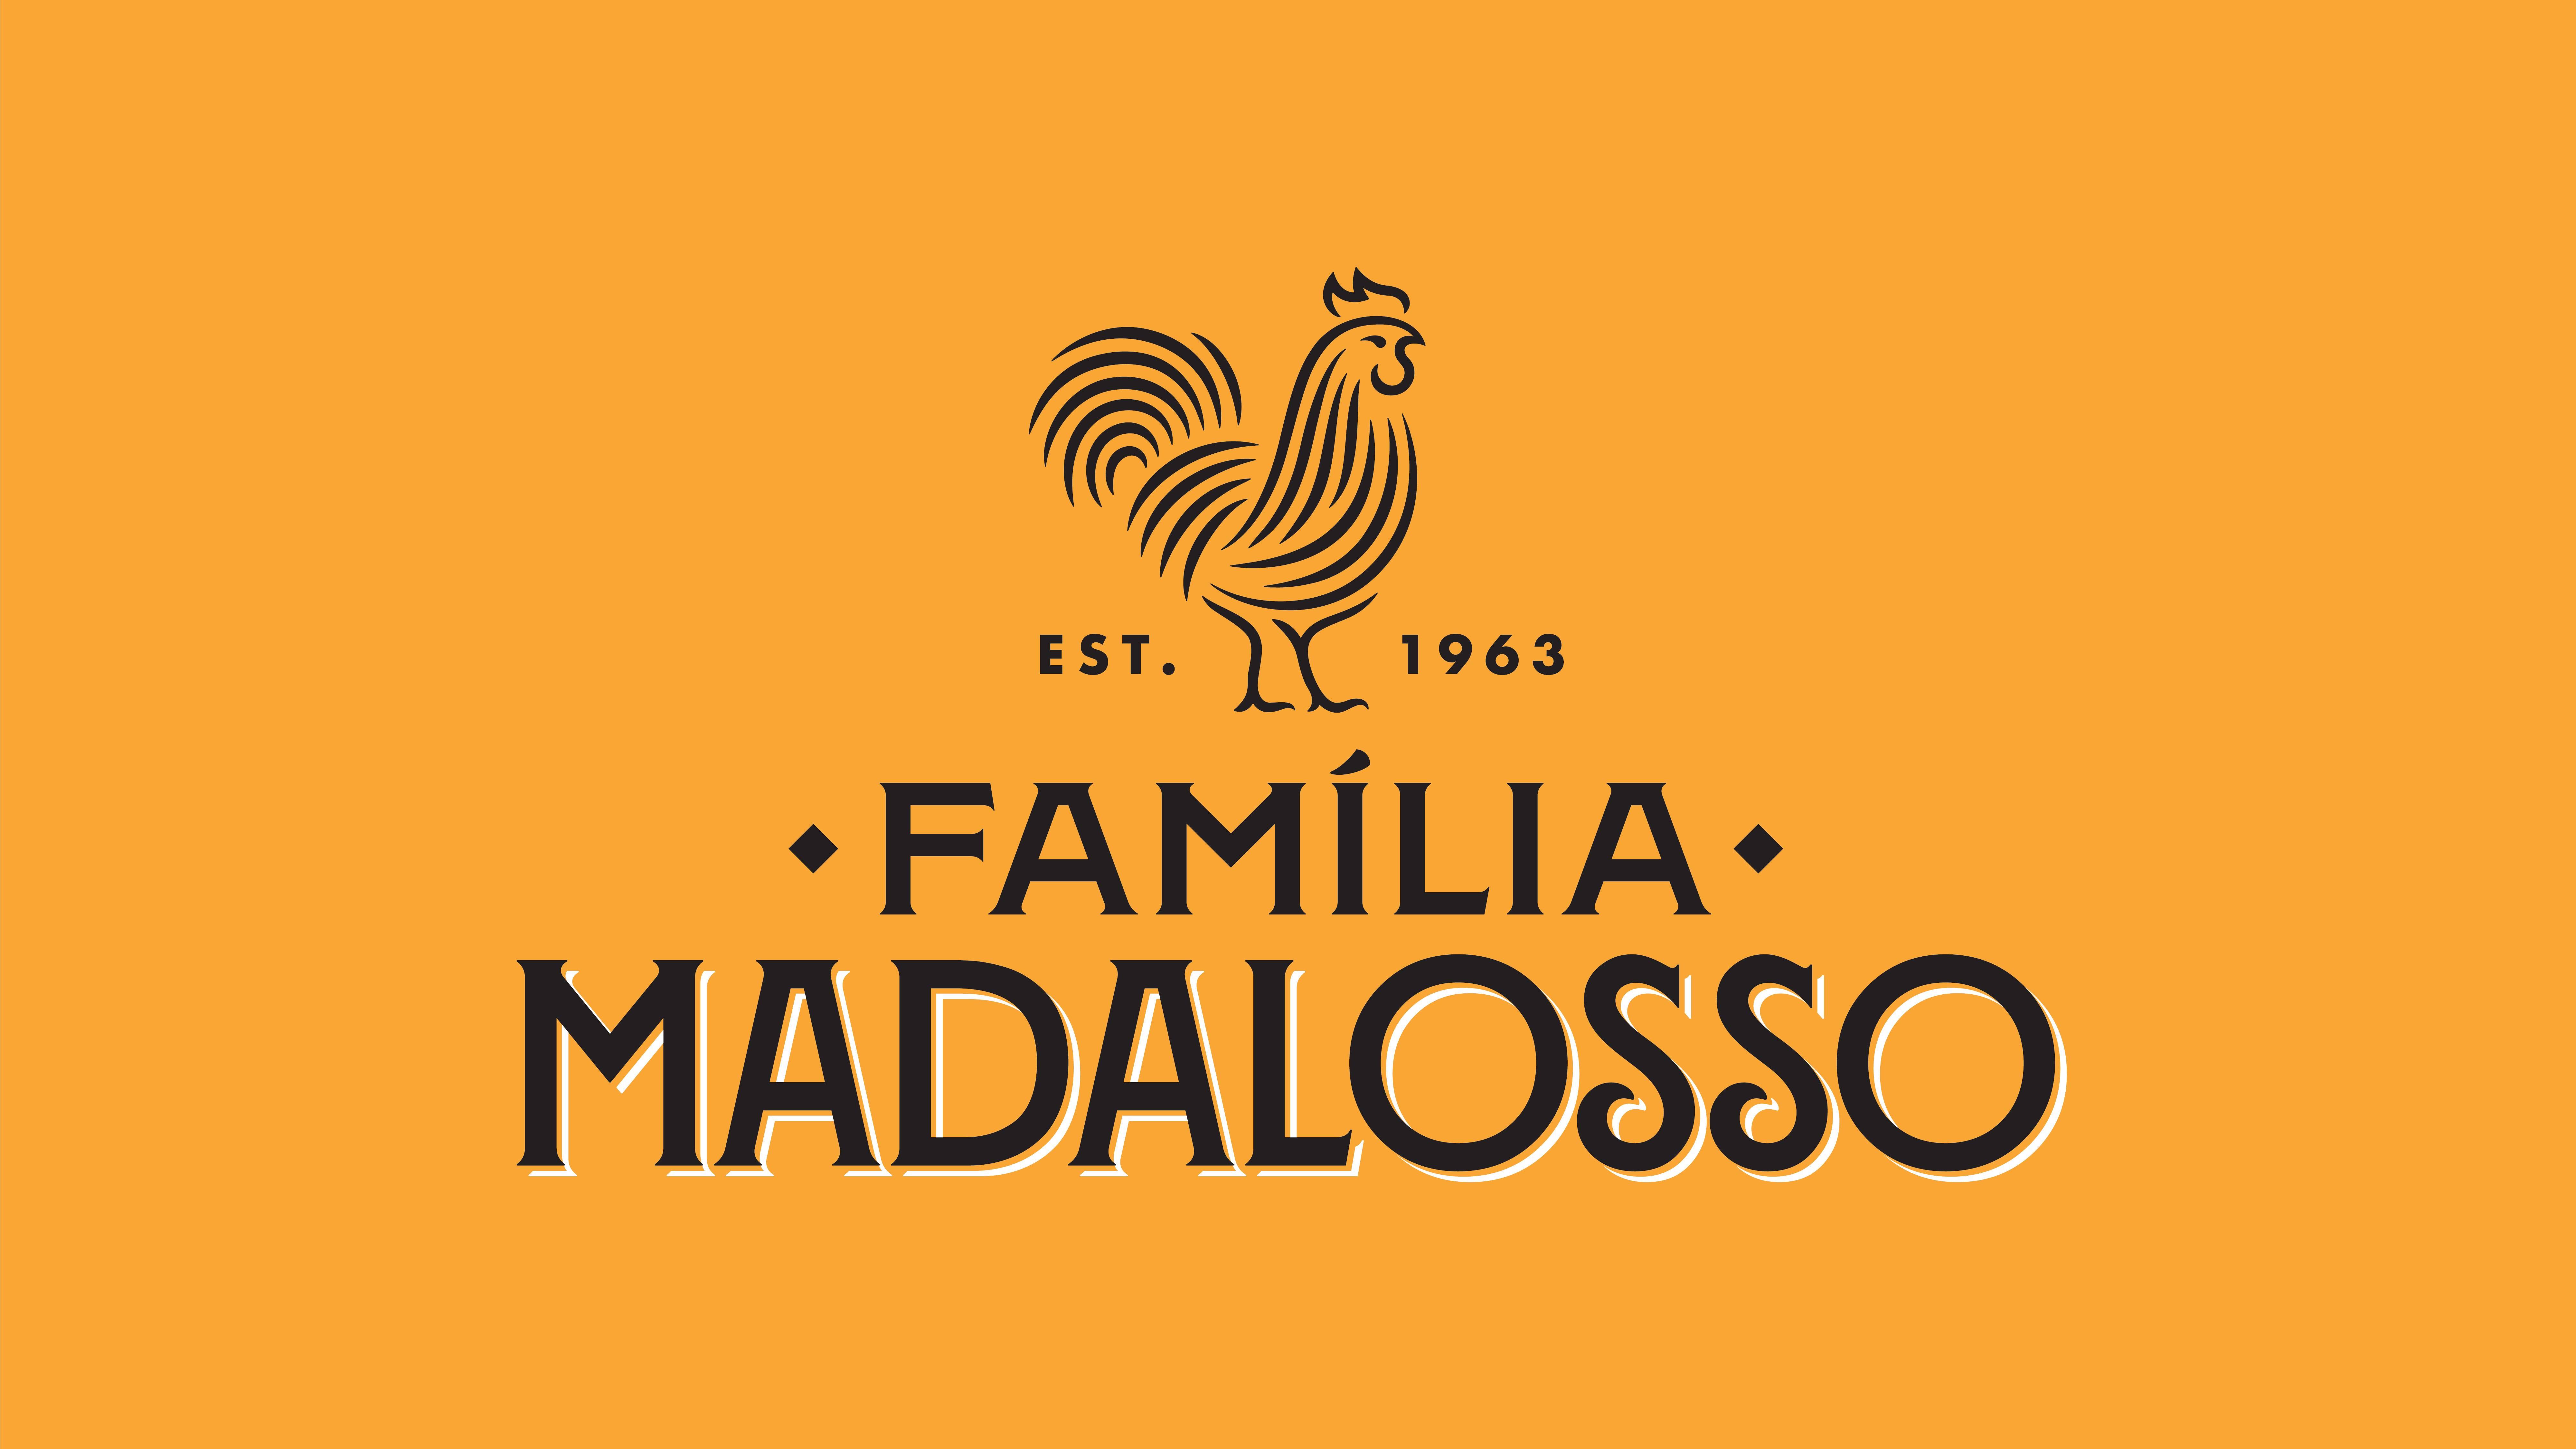 Madalosso agora é Família Madalosso. Foto: Divulgação